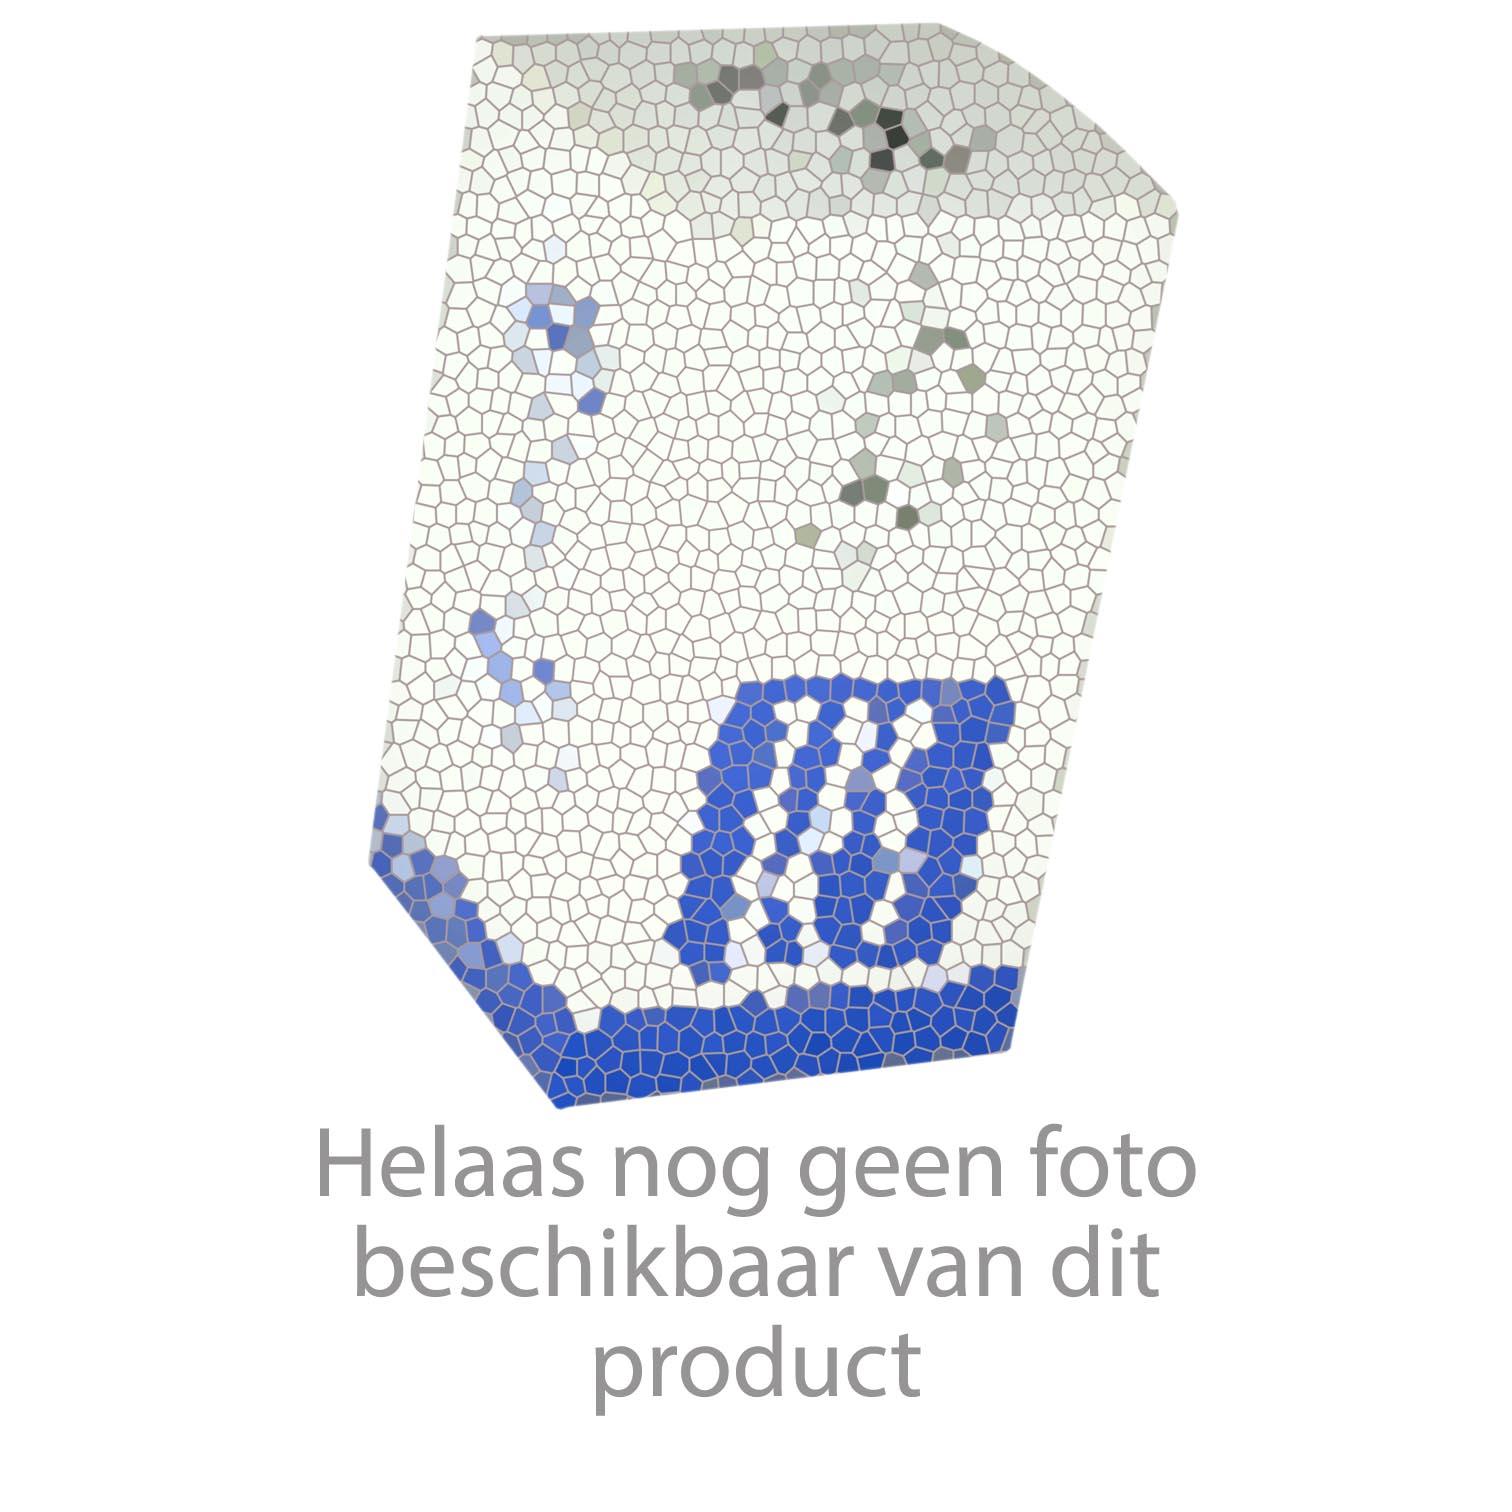 Geberit Gis-easy wc-element H120 met reservoir UP 320 120x60-95cm met frontbediening